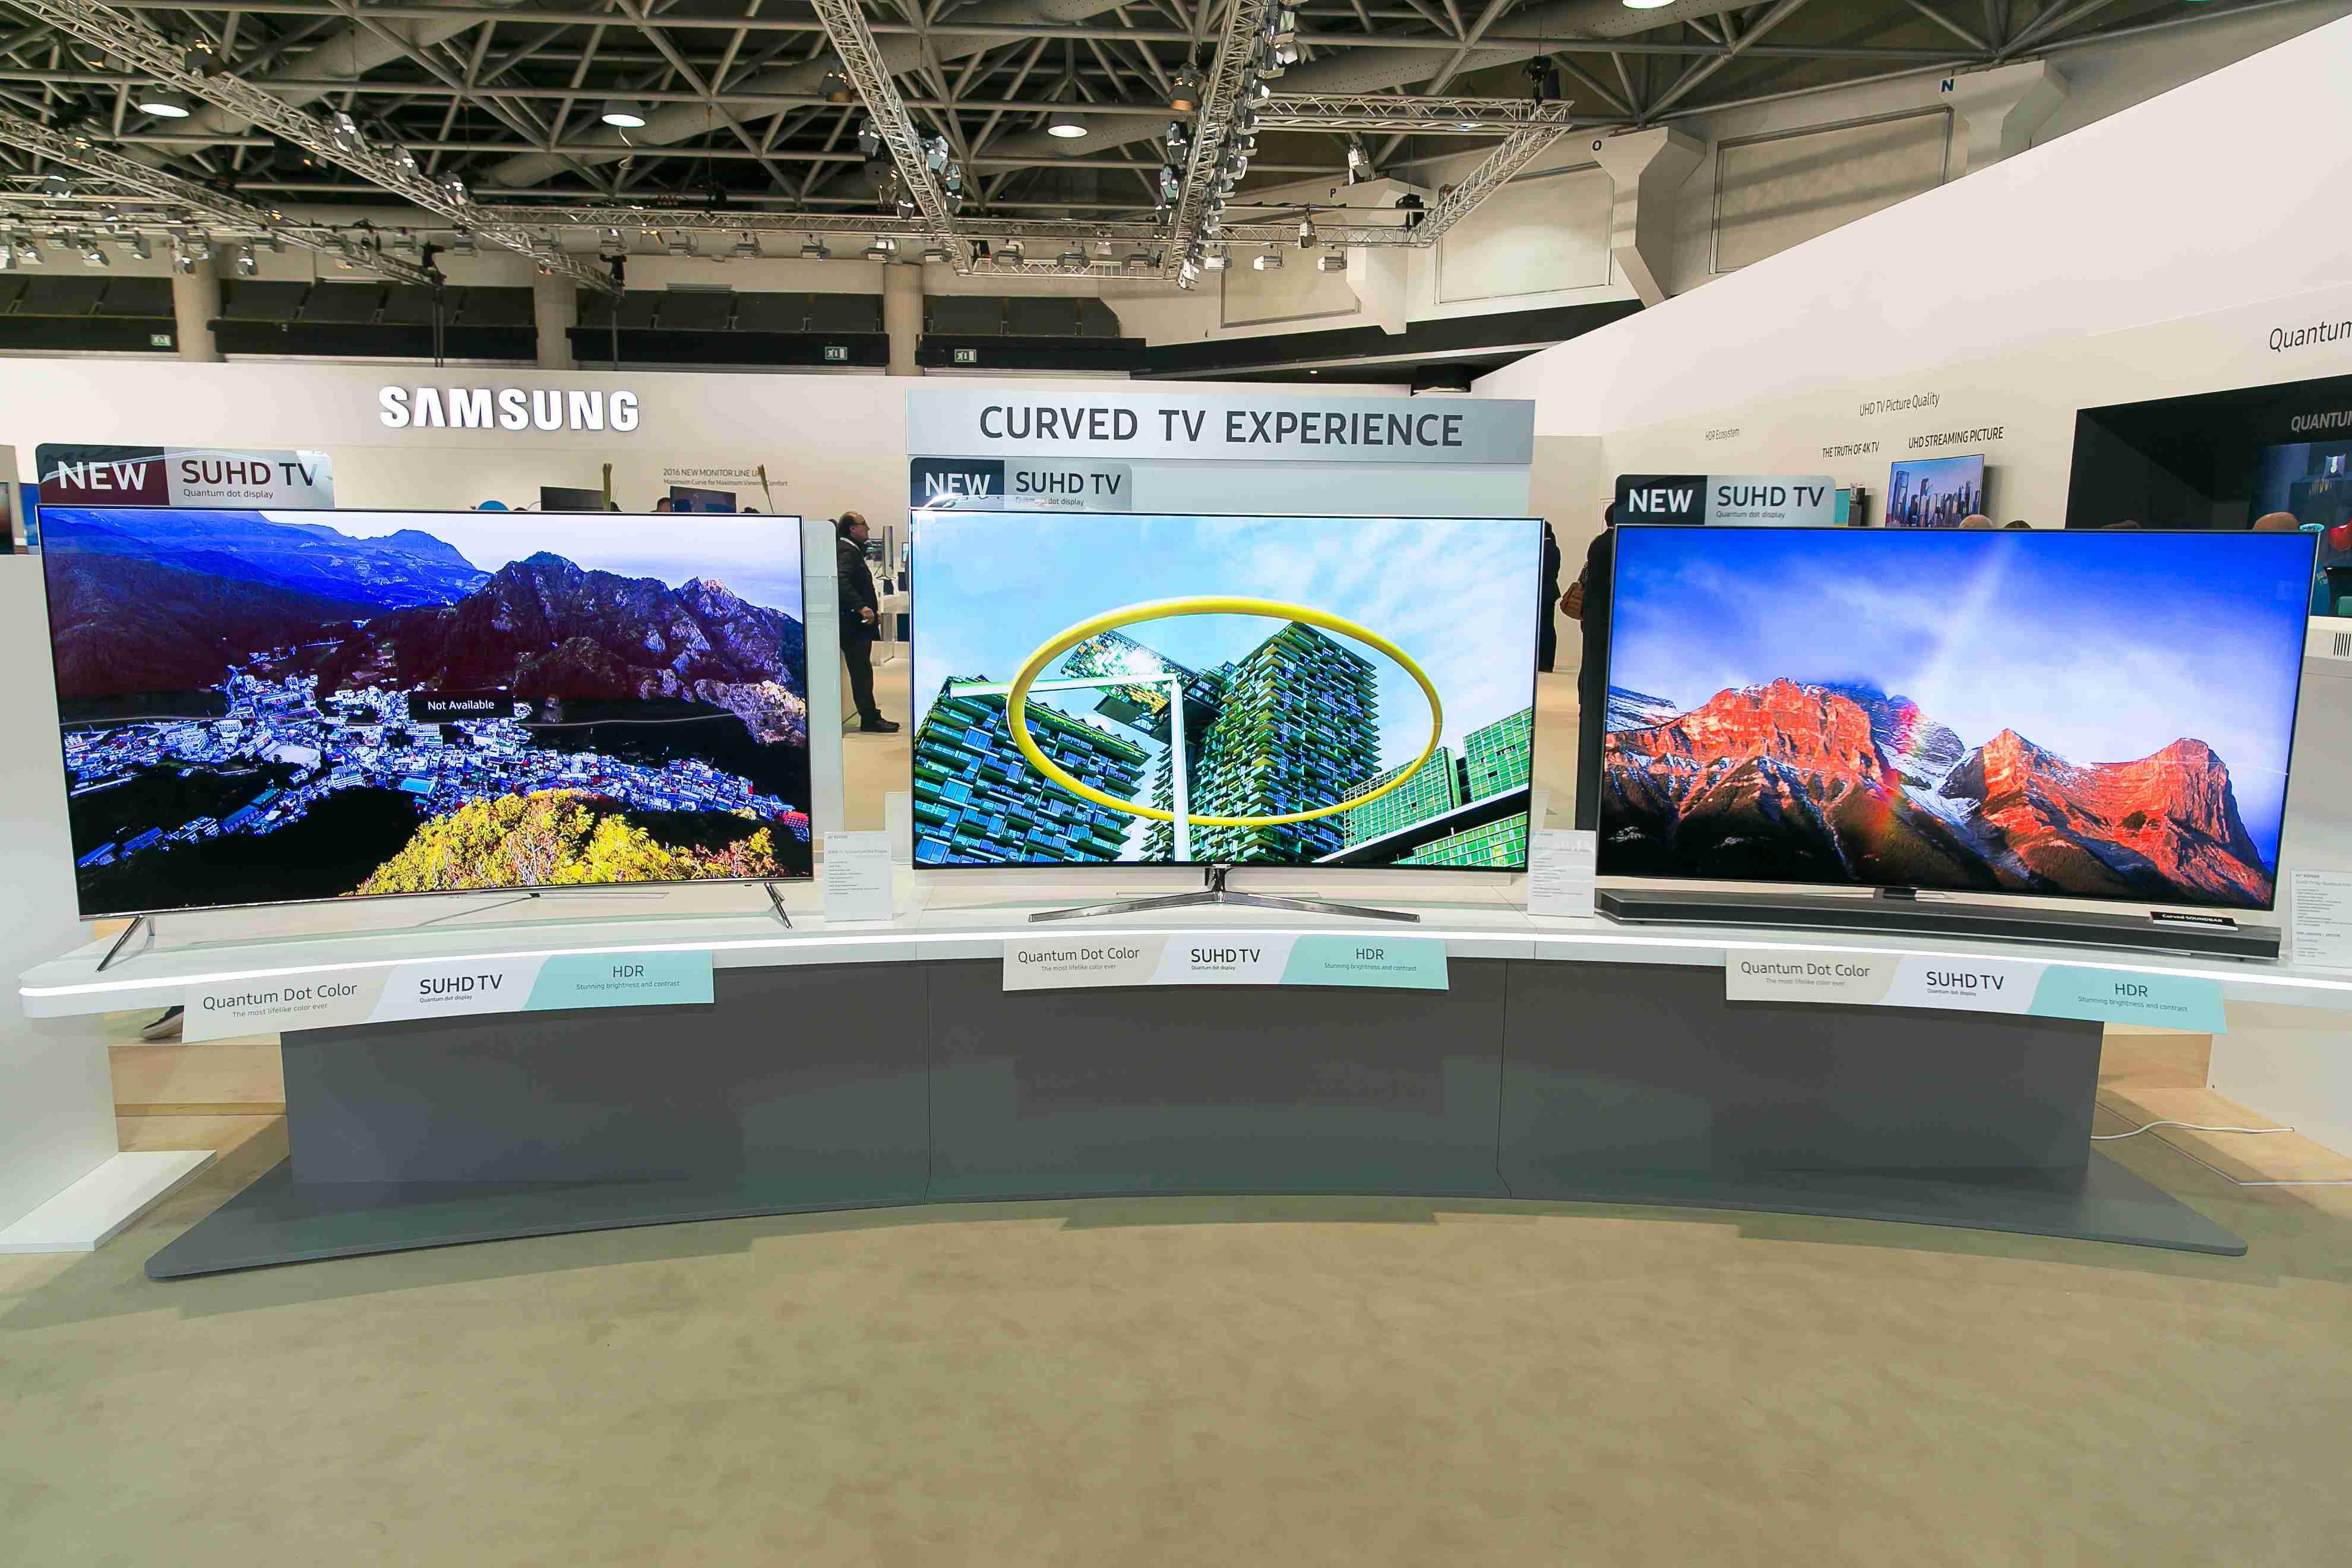 Toto sú najnovšie televízory Samsung. Podporujú HDR, majú technológiu Quantum Dot a svietivosť 1000 nitov